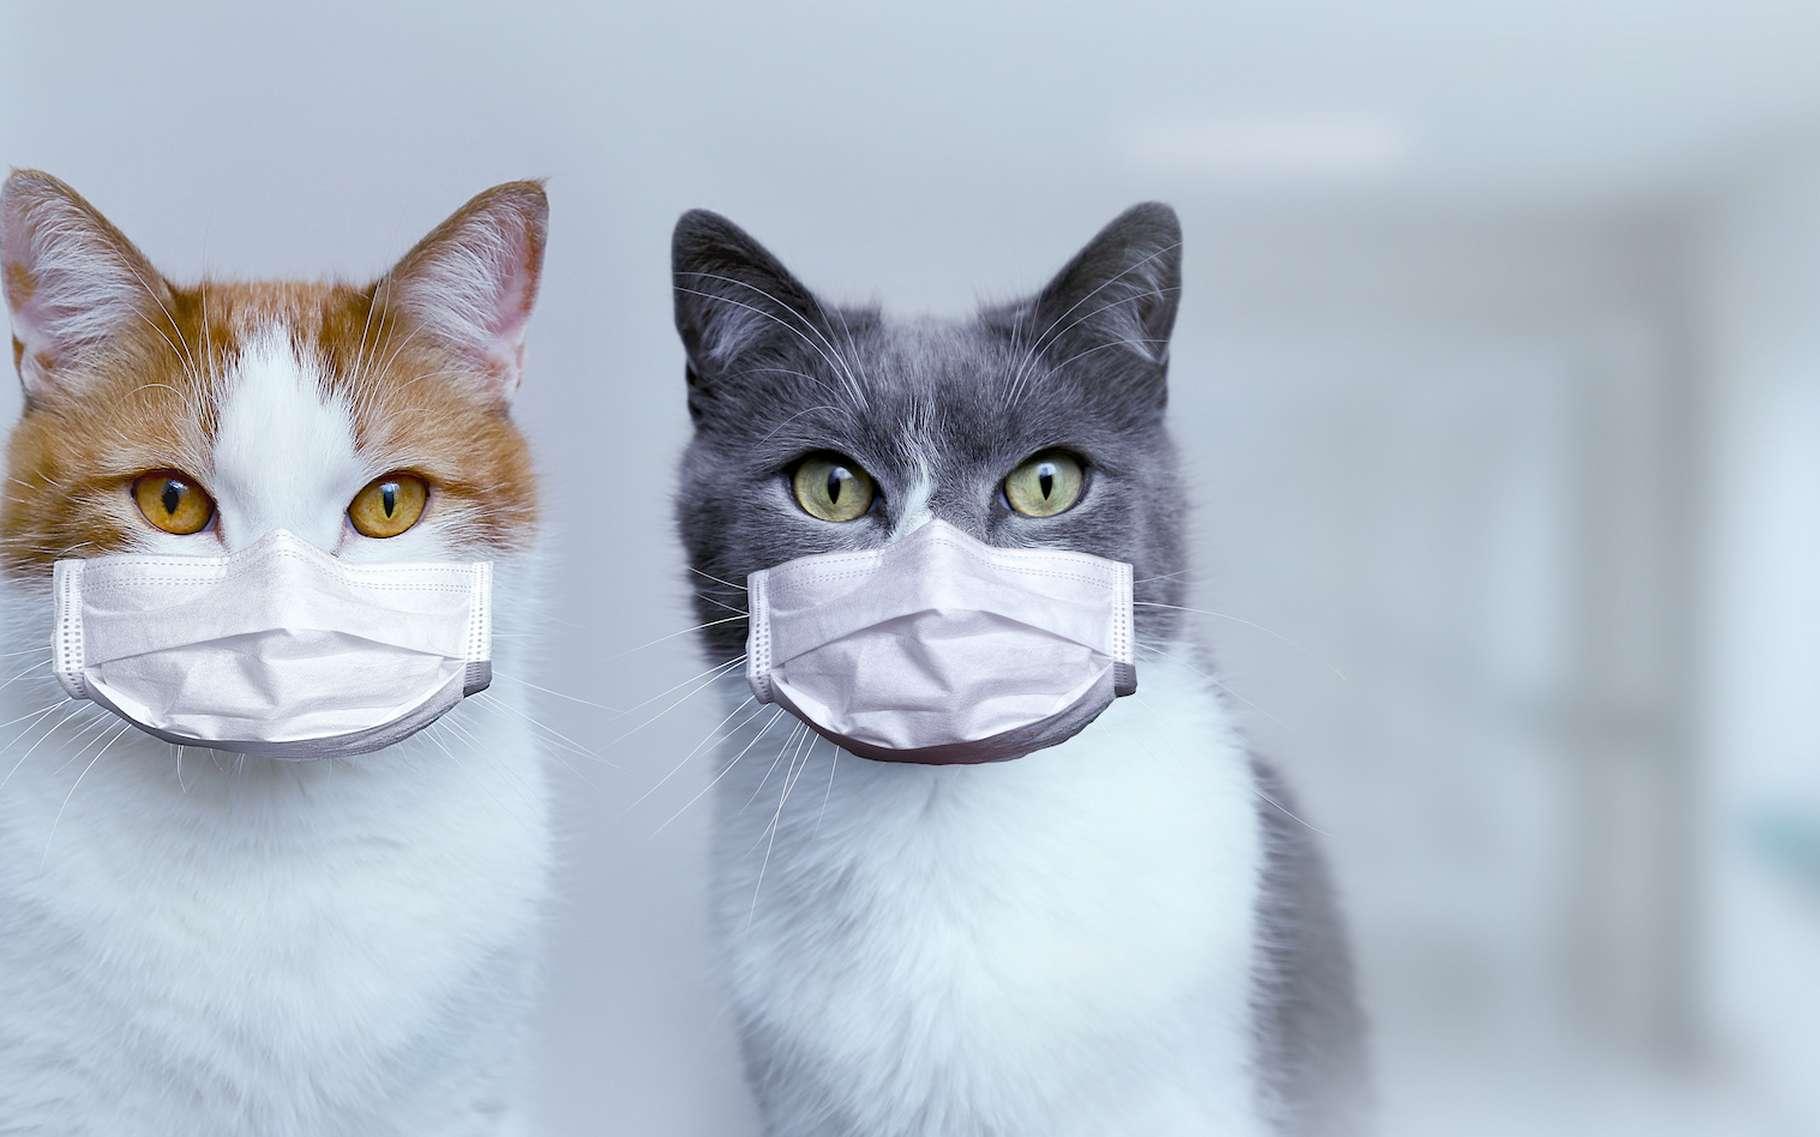 Breve Coronavirus Finalement Les Chats Peuvent Etre Infectes